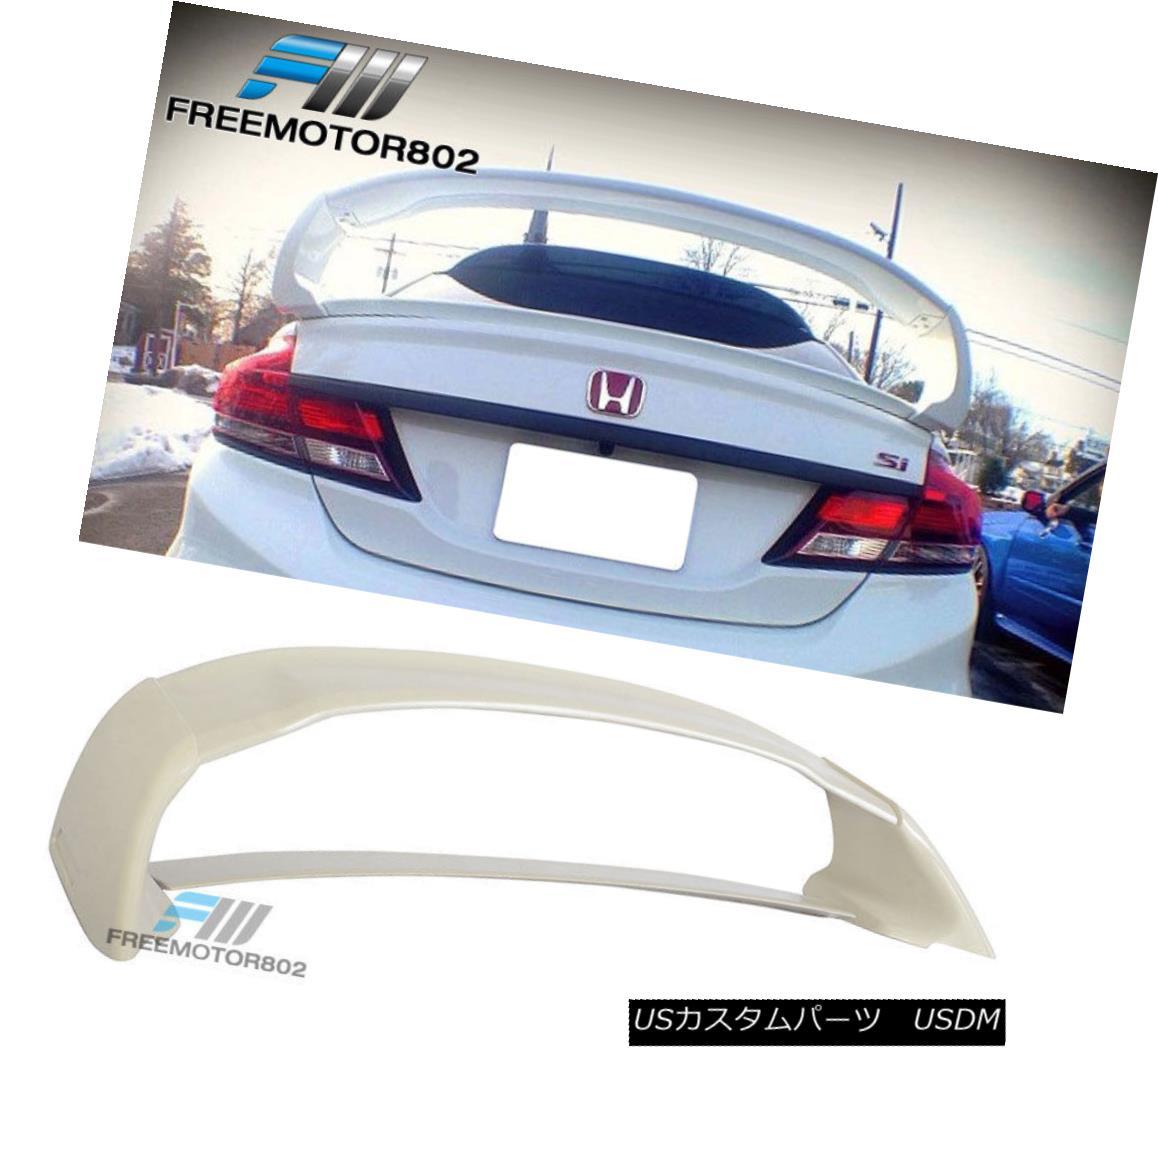 エアロパーツ For 12-15 Honda Civic 4door Sedan Mugen Style ABS Trunk Spoiler Wing 4Pc 12-15ホンダシビック4ドアセダンミュゲンスタイルABSトランクスポイラーウィング4Pc用